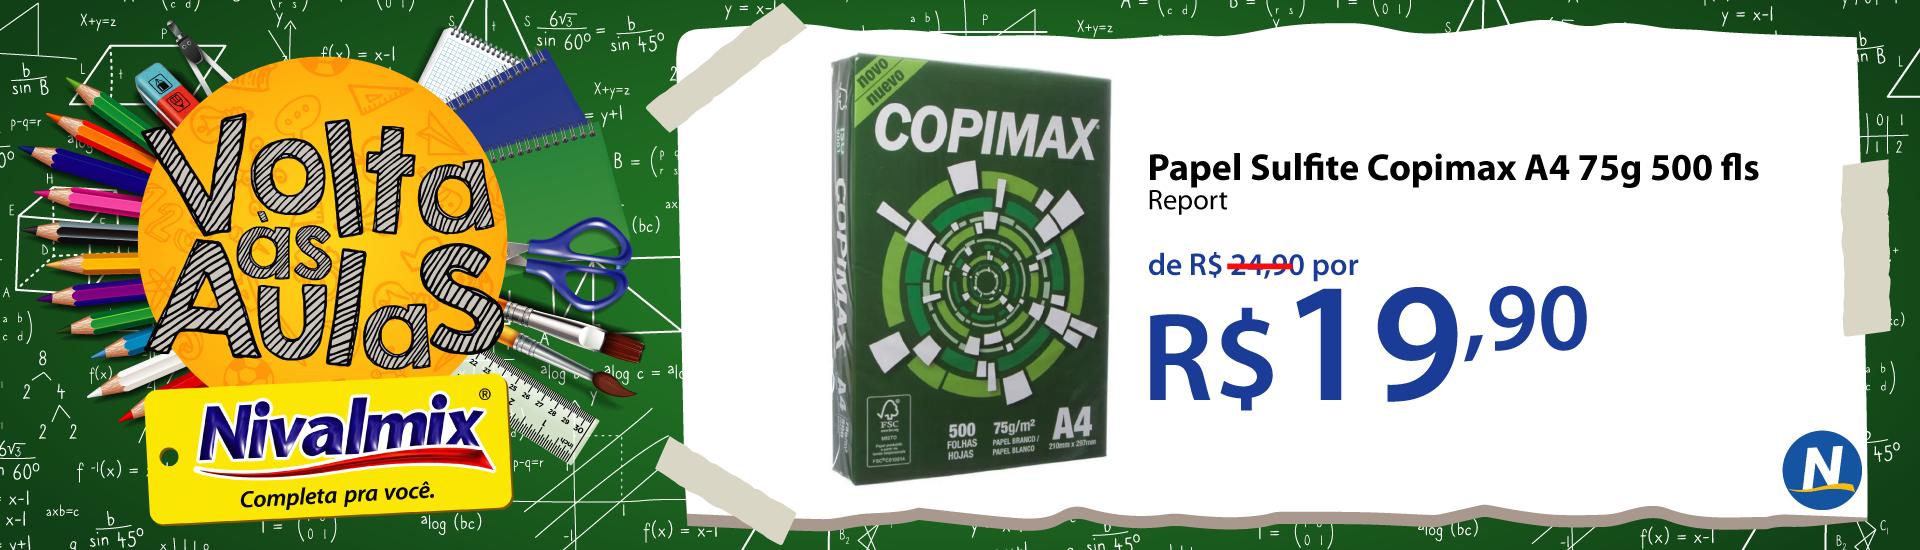 papel-copimax